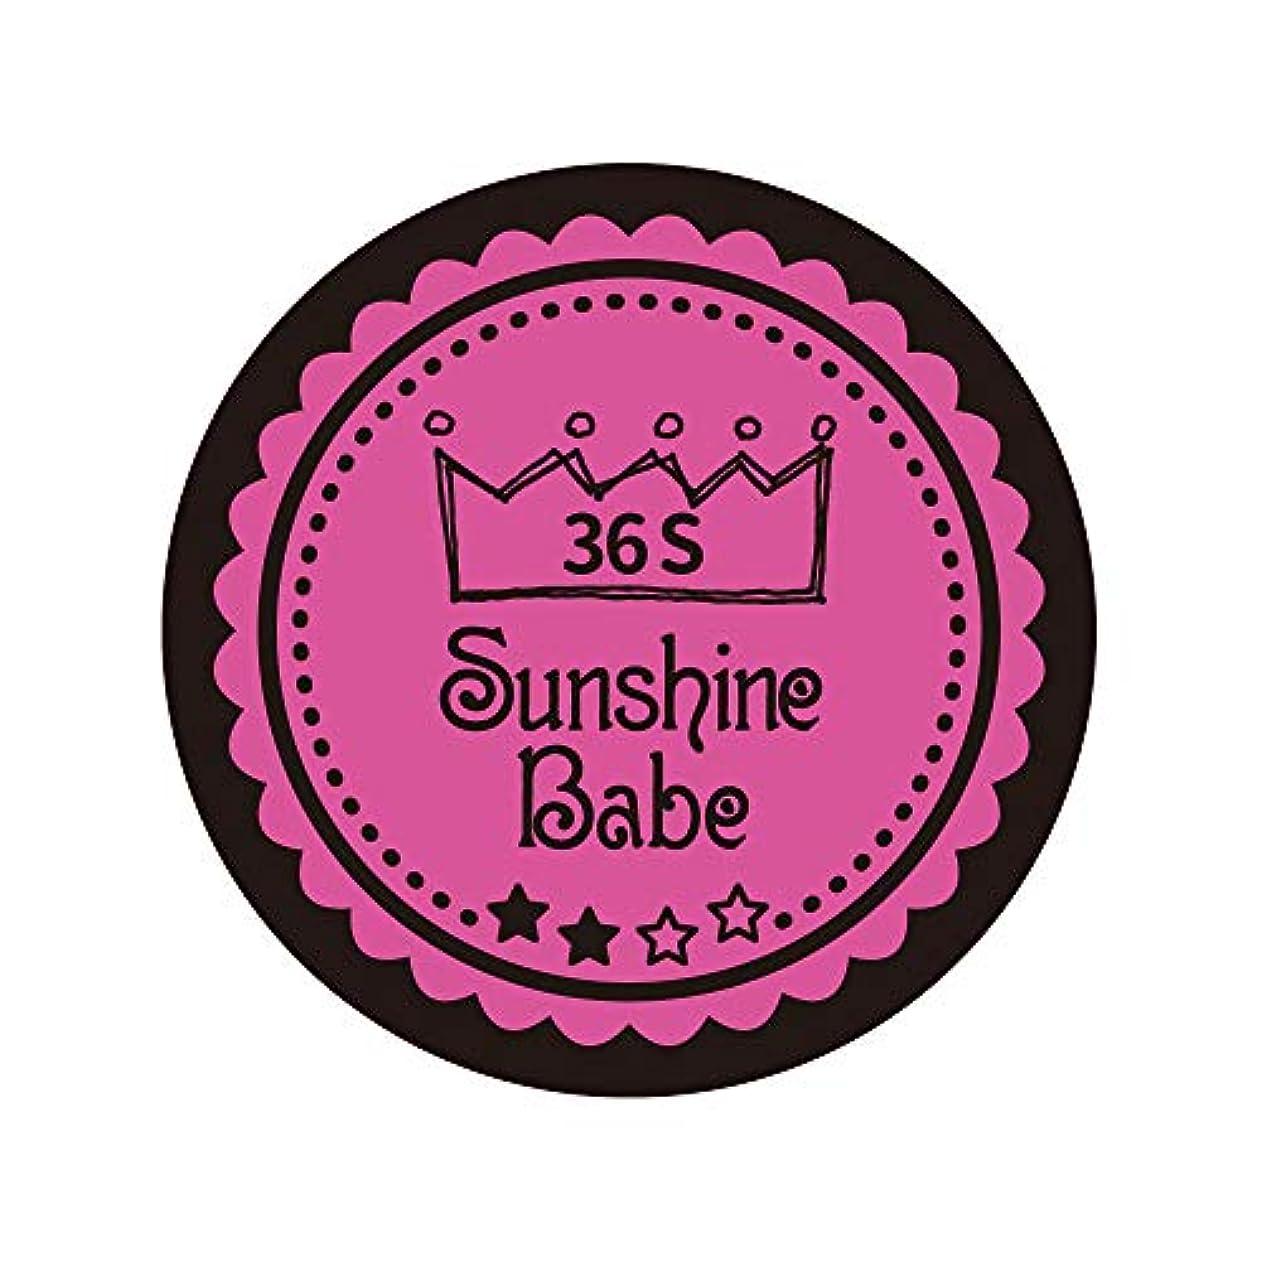 パンチありふれたパッケージSunshine Babe カラージェル 36S クロッカスピンク 4g UV/LED対応